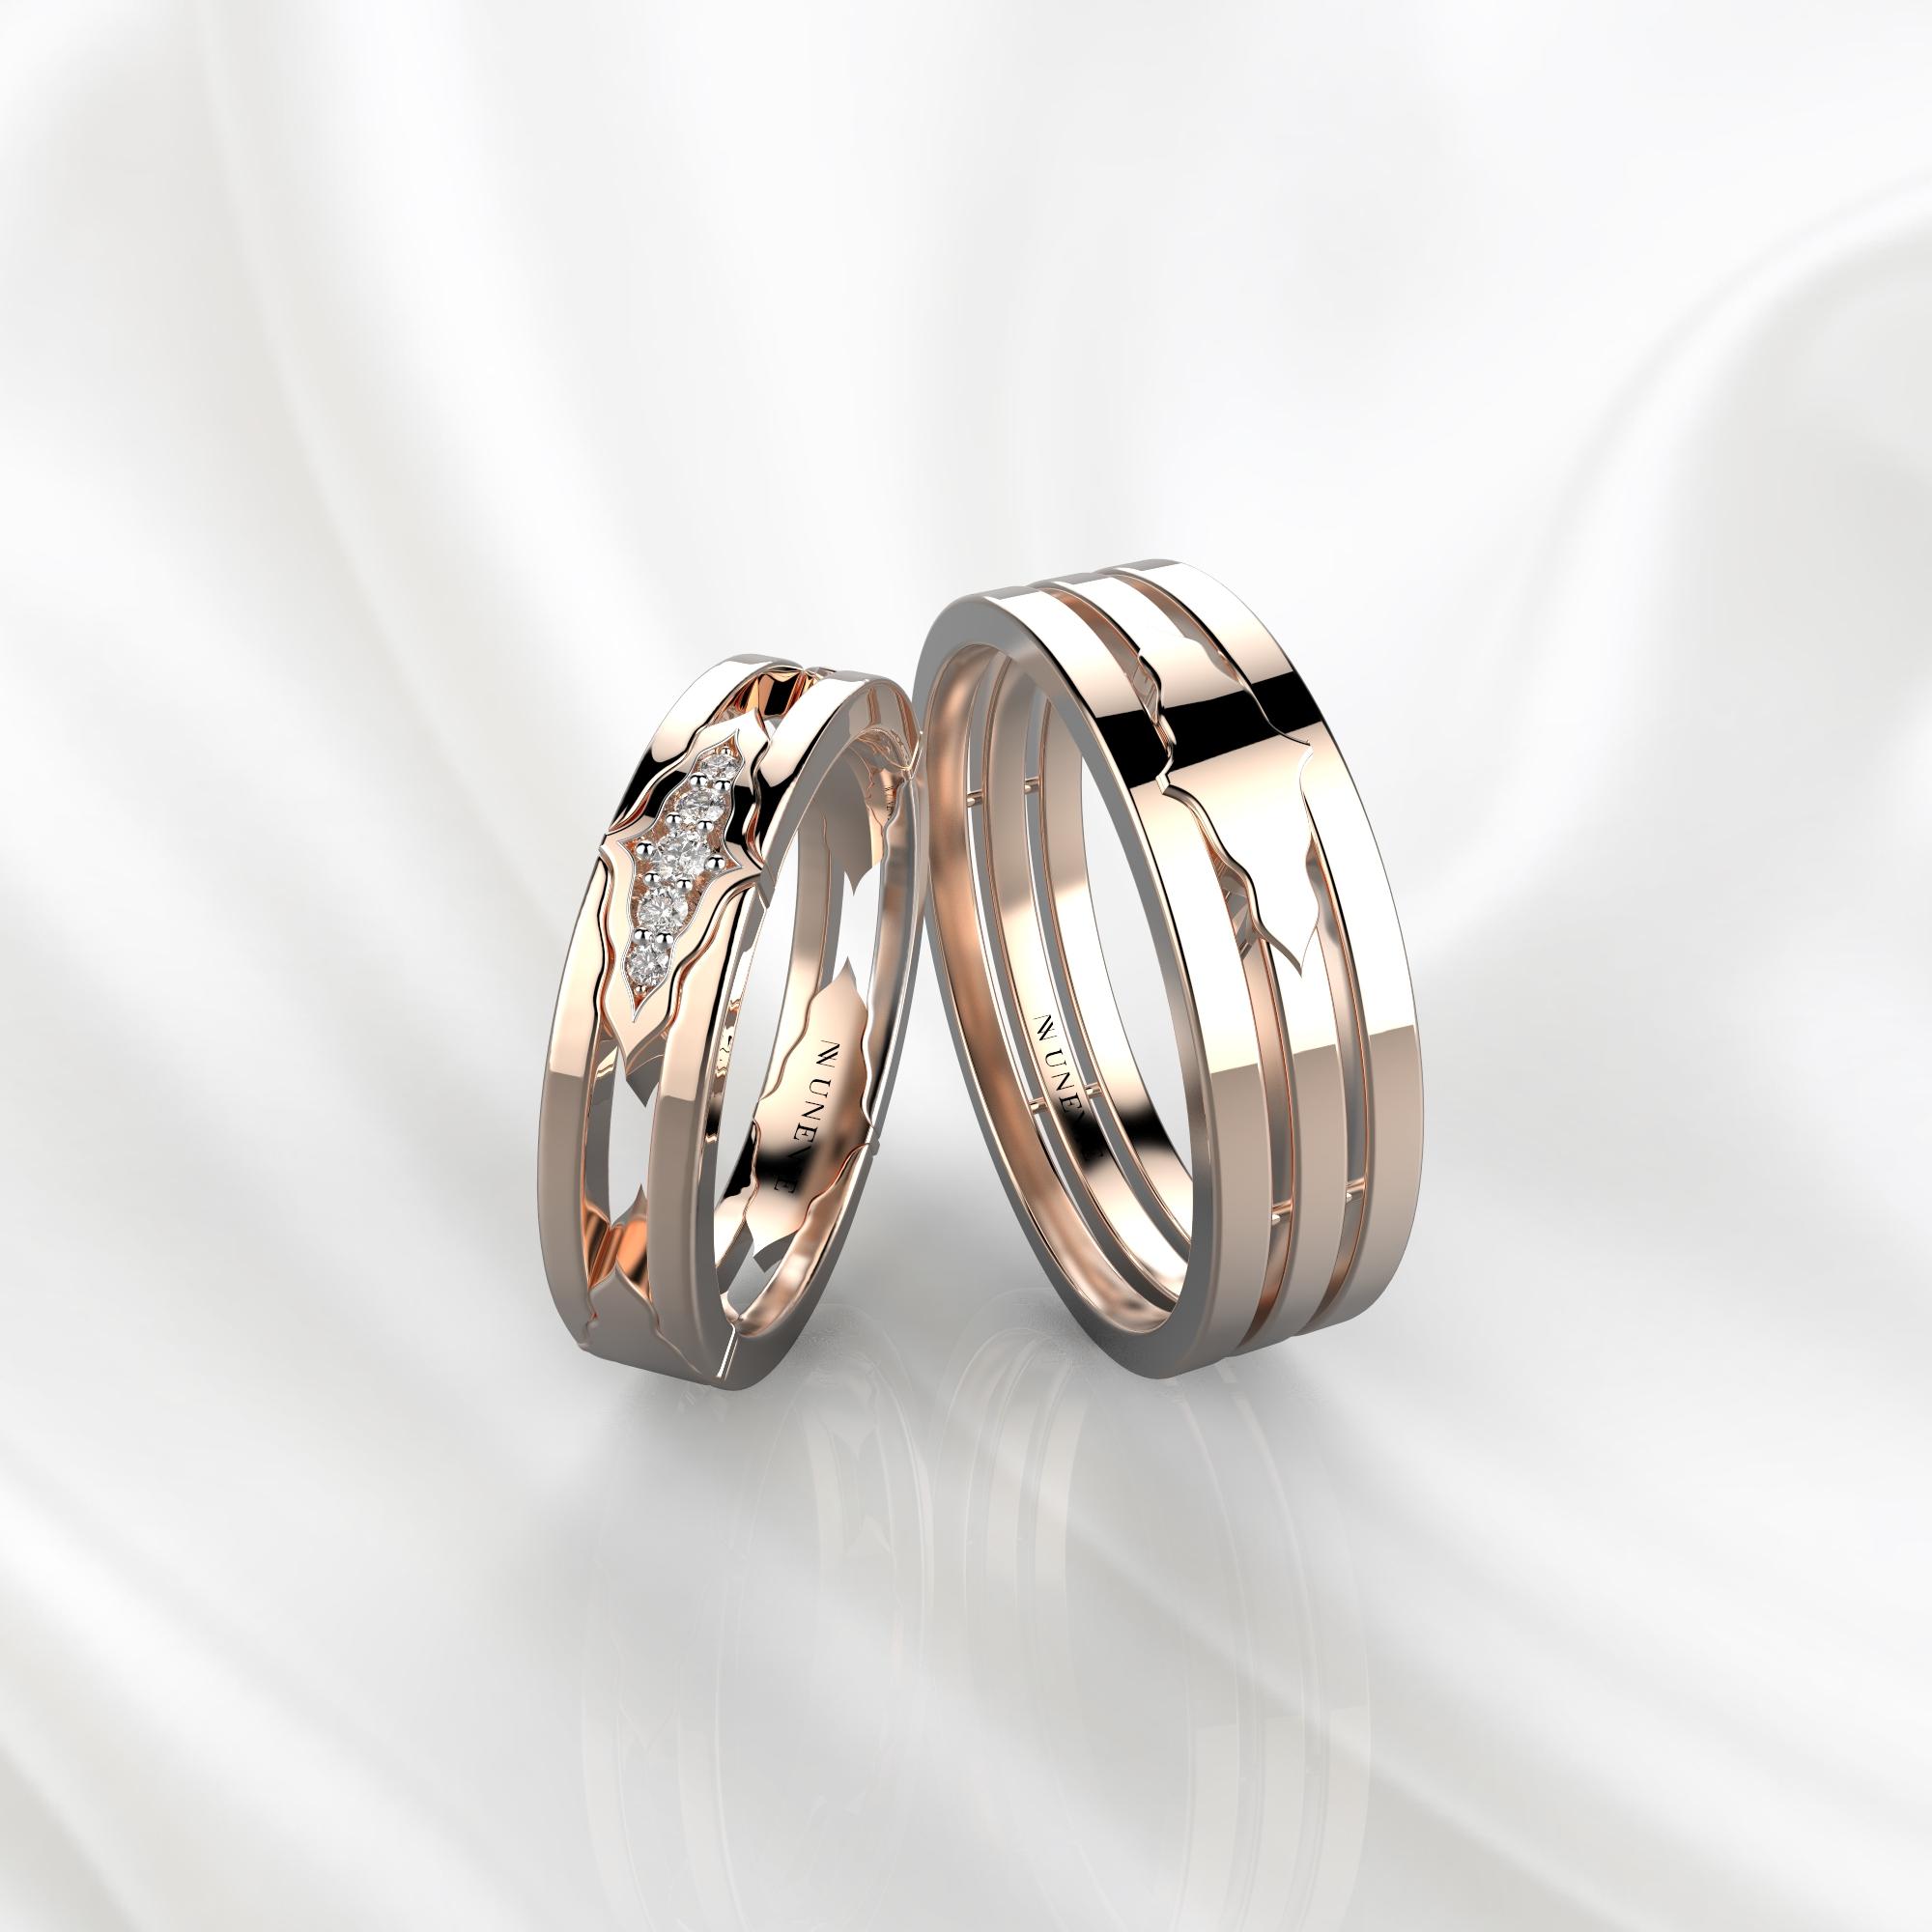 Парные обручальные кольца из розового золота с 5 бриллиантами